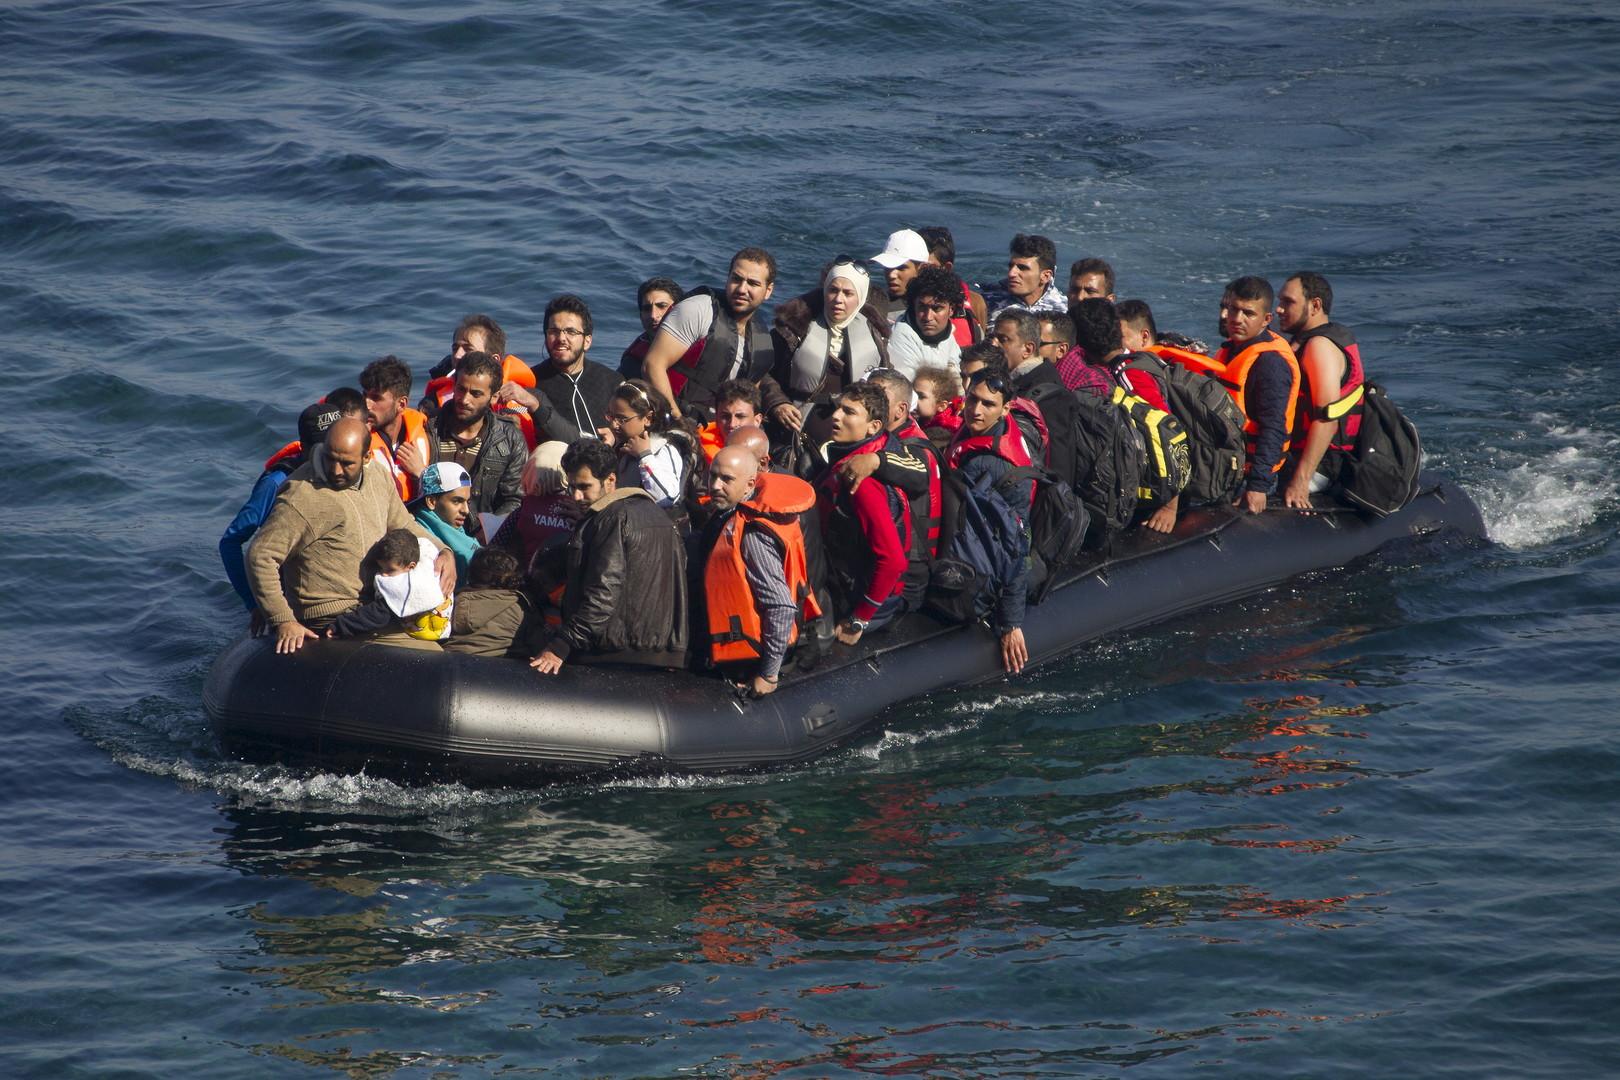 مجلس الأمن يعطي الضوء الأخضر لاعتراض سفن المهربين في مياه المتوسط